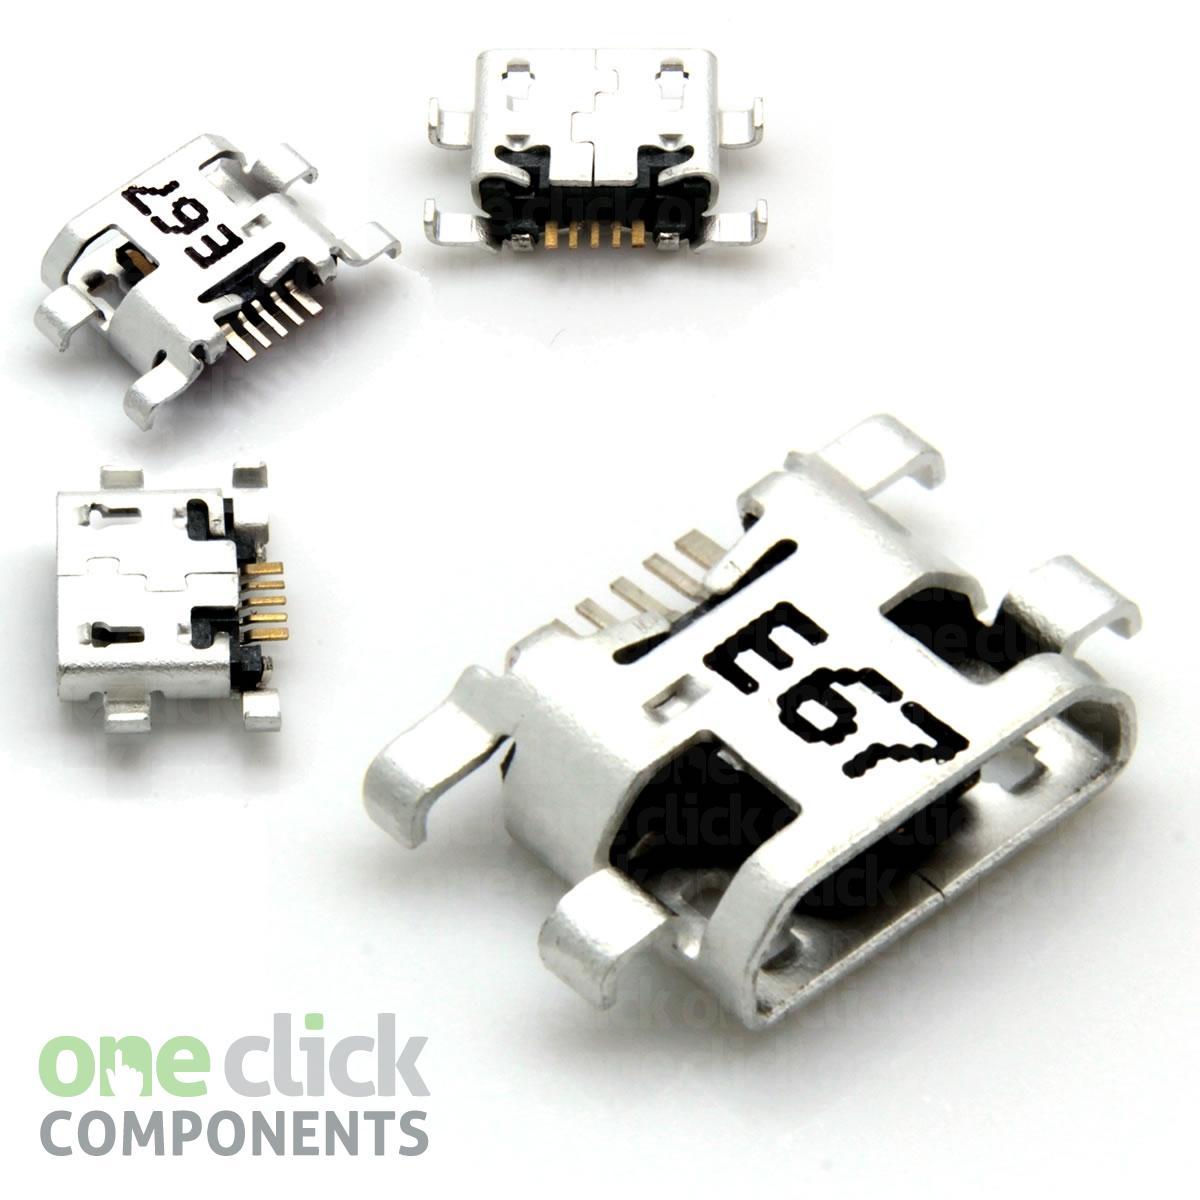 DC AC Scheda Ricarica Porta Micro USB PORTA Tesco Hudl 1 Connettore Ricambio